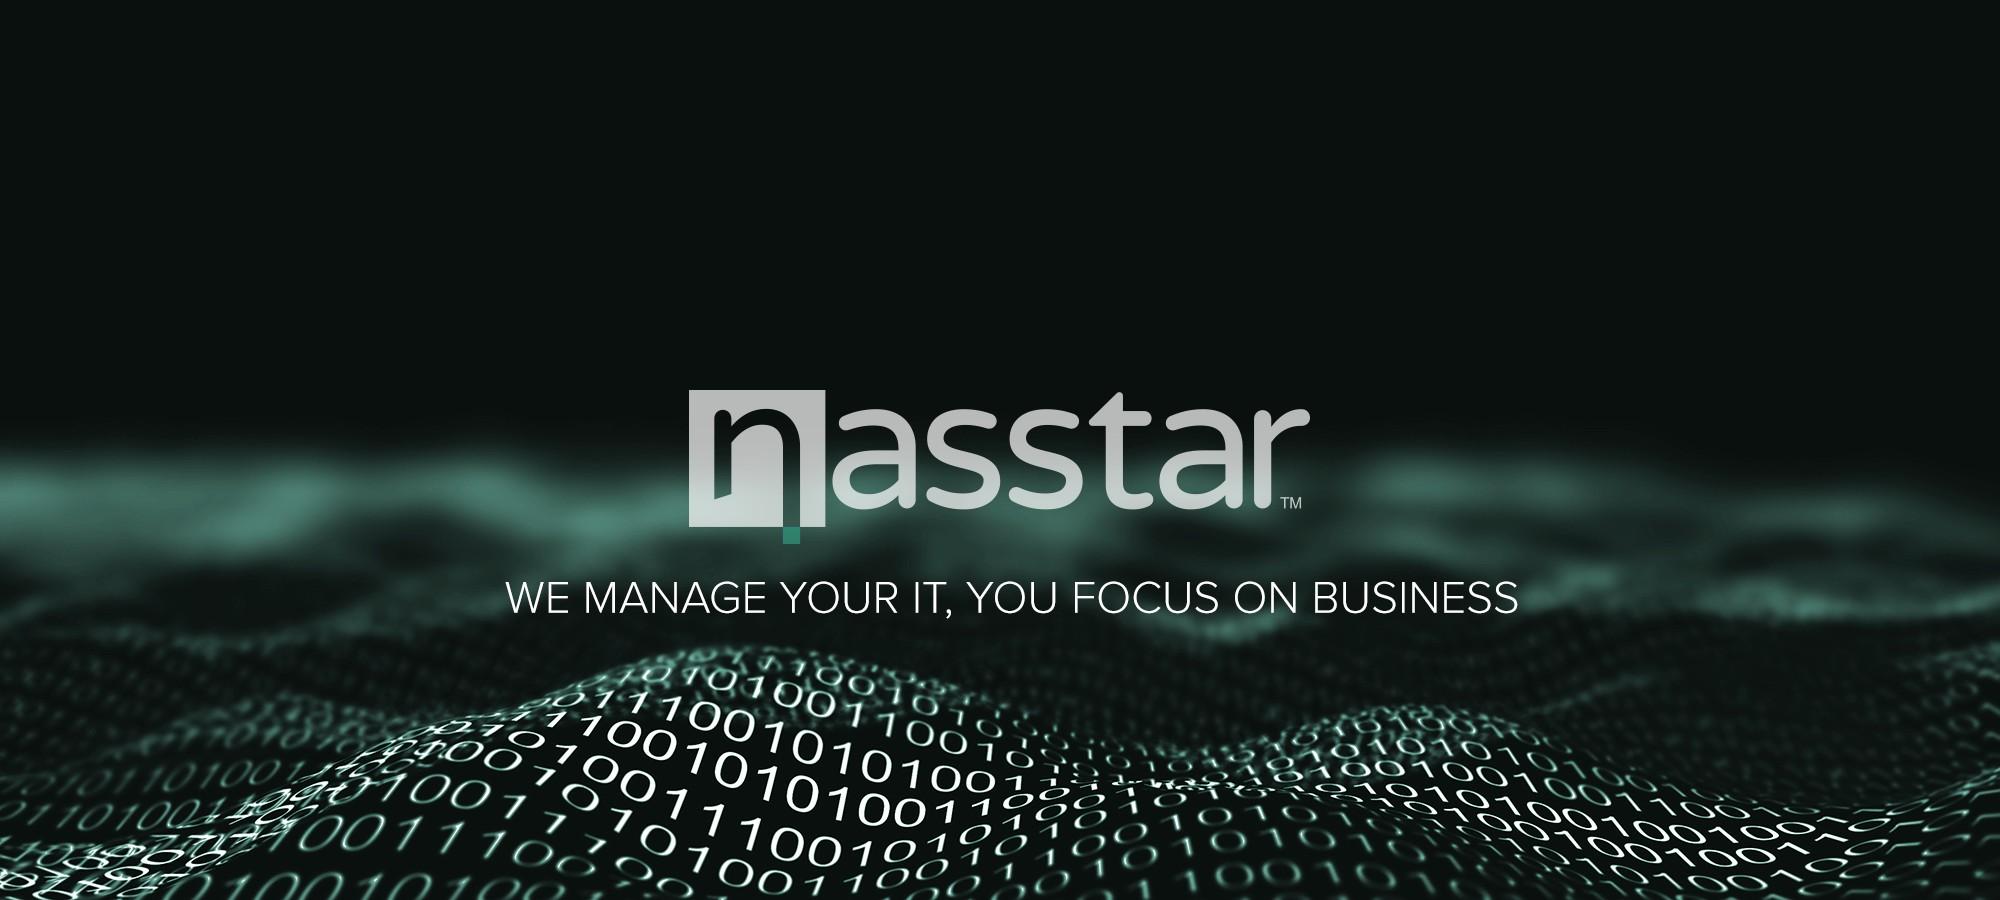 Nasstar PLC | LinkedIn